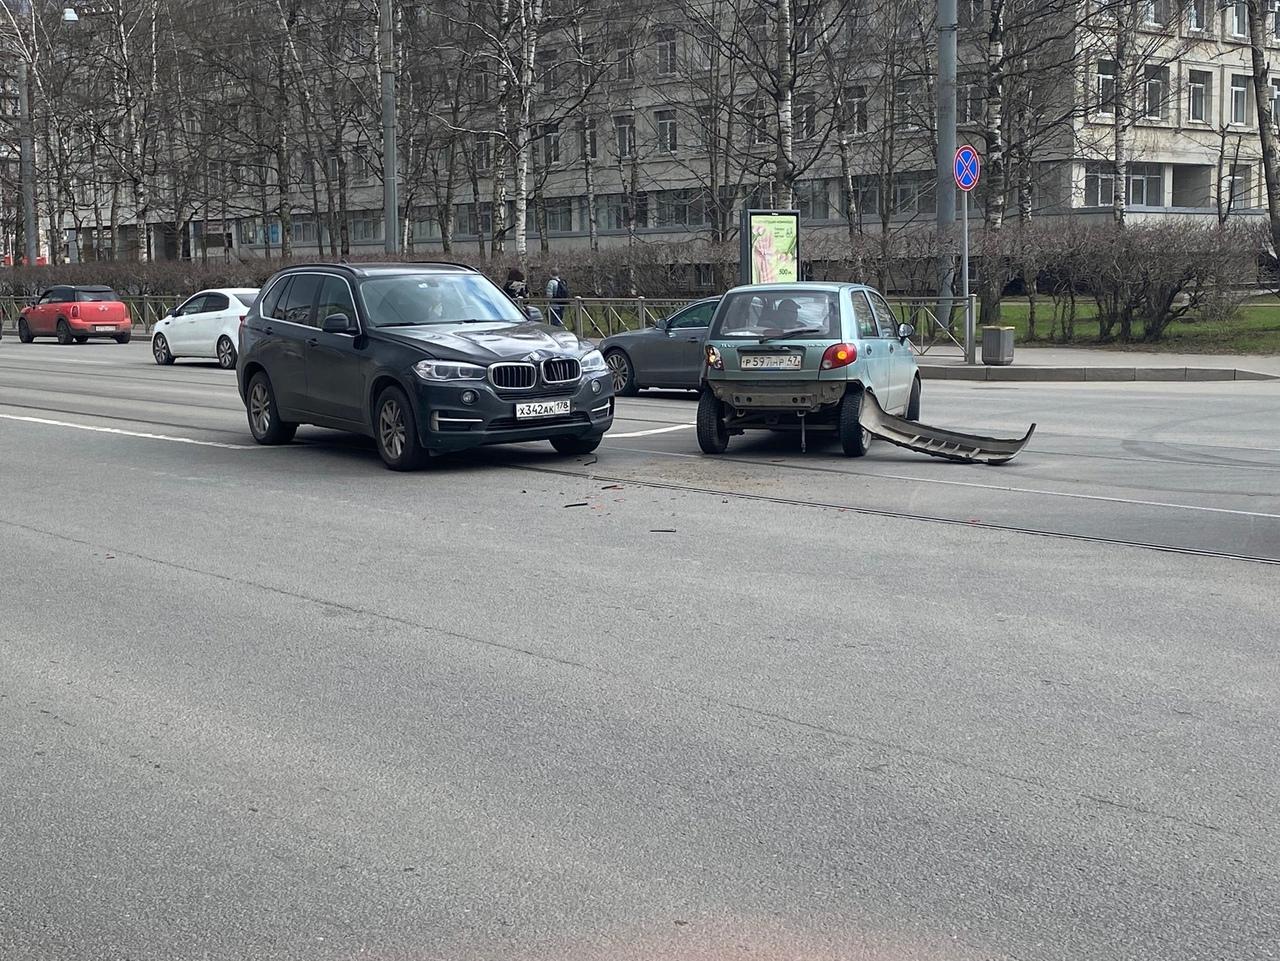 БМВ шёл по трамвайным на Торжковской улице и на перекрёстке с Лисичанской догнал Дэу Матиз Трамв...